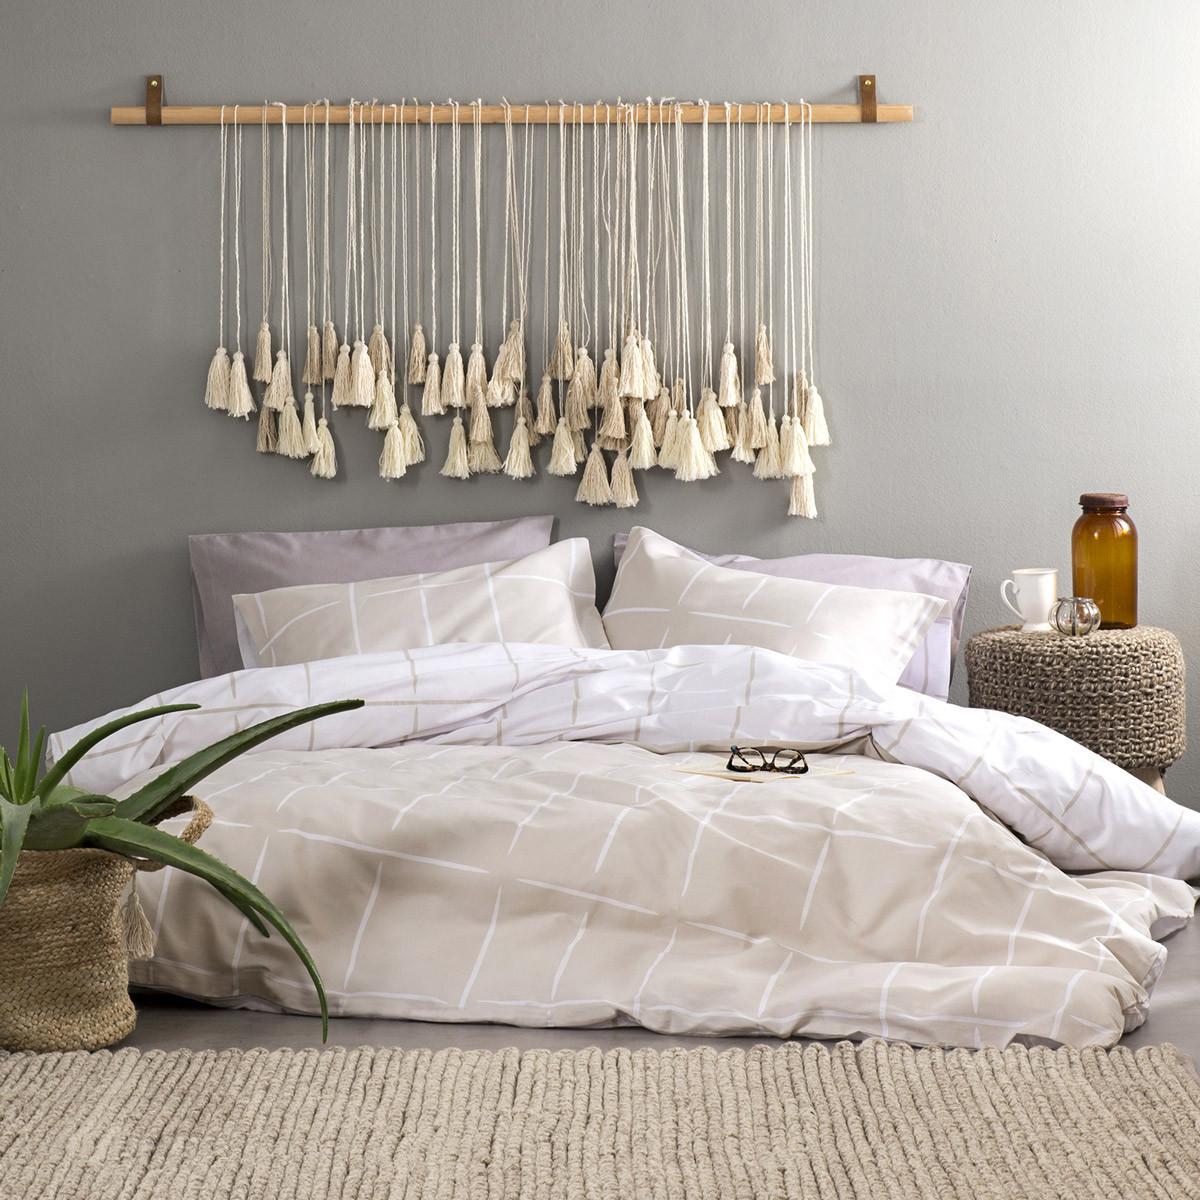 Σεντόνια King Size (Σετ) Nima Bed Linen Infinity Earth